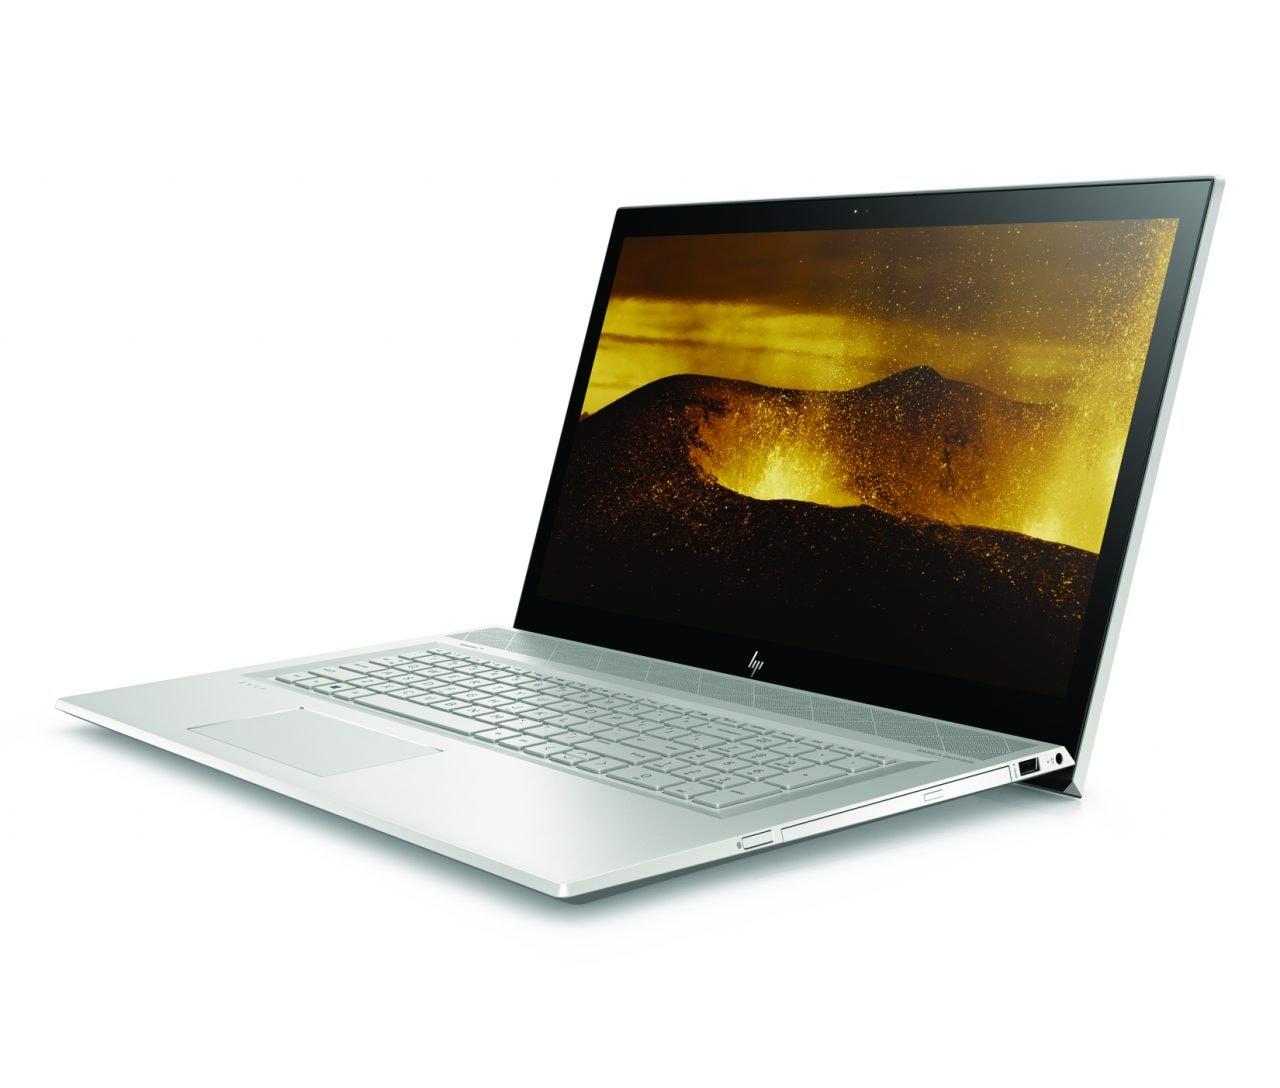 HP rinnova la gamma ENVY: notebook, desktop e convertibili belli e potenti (foto)